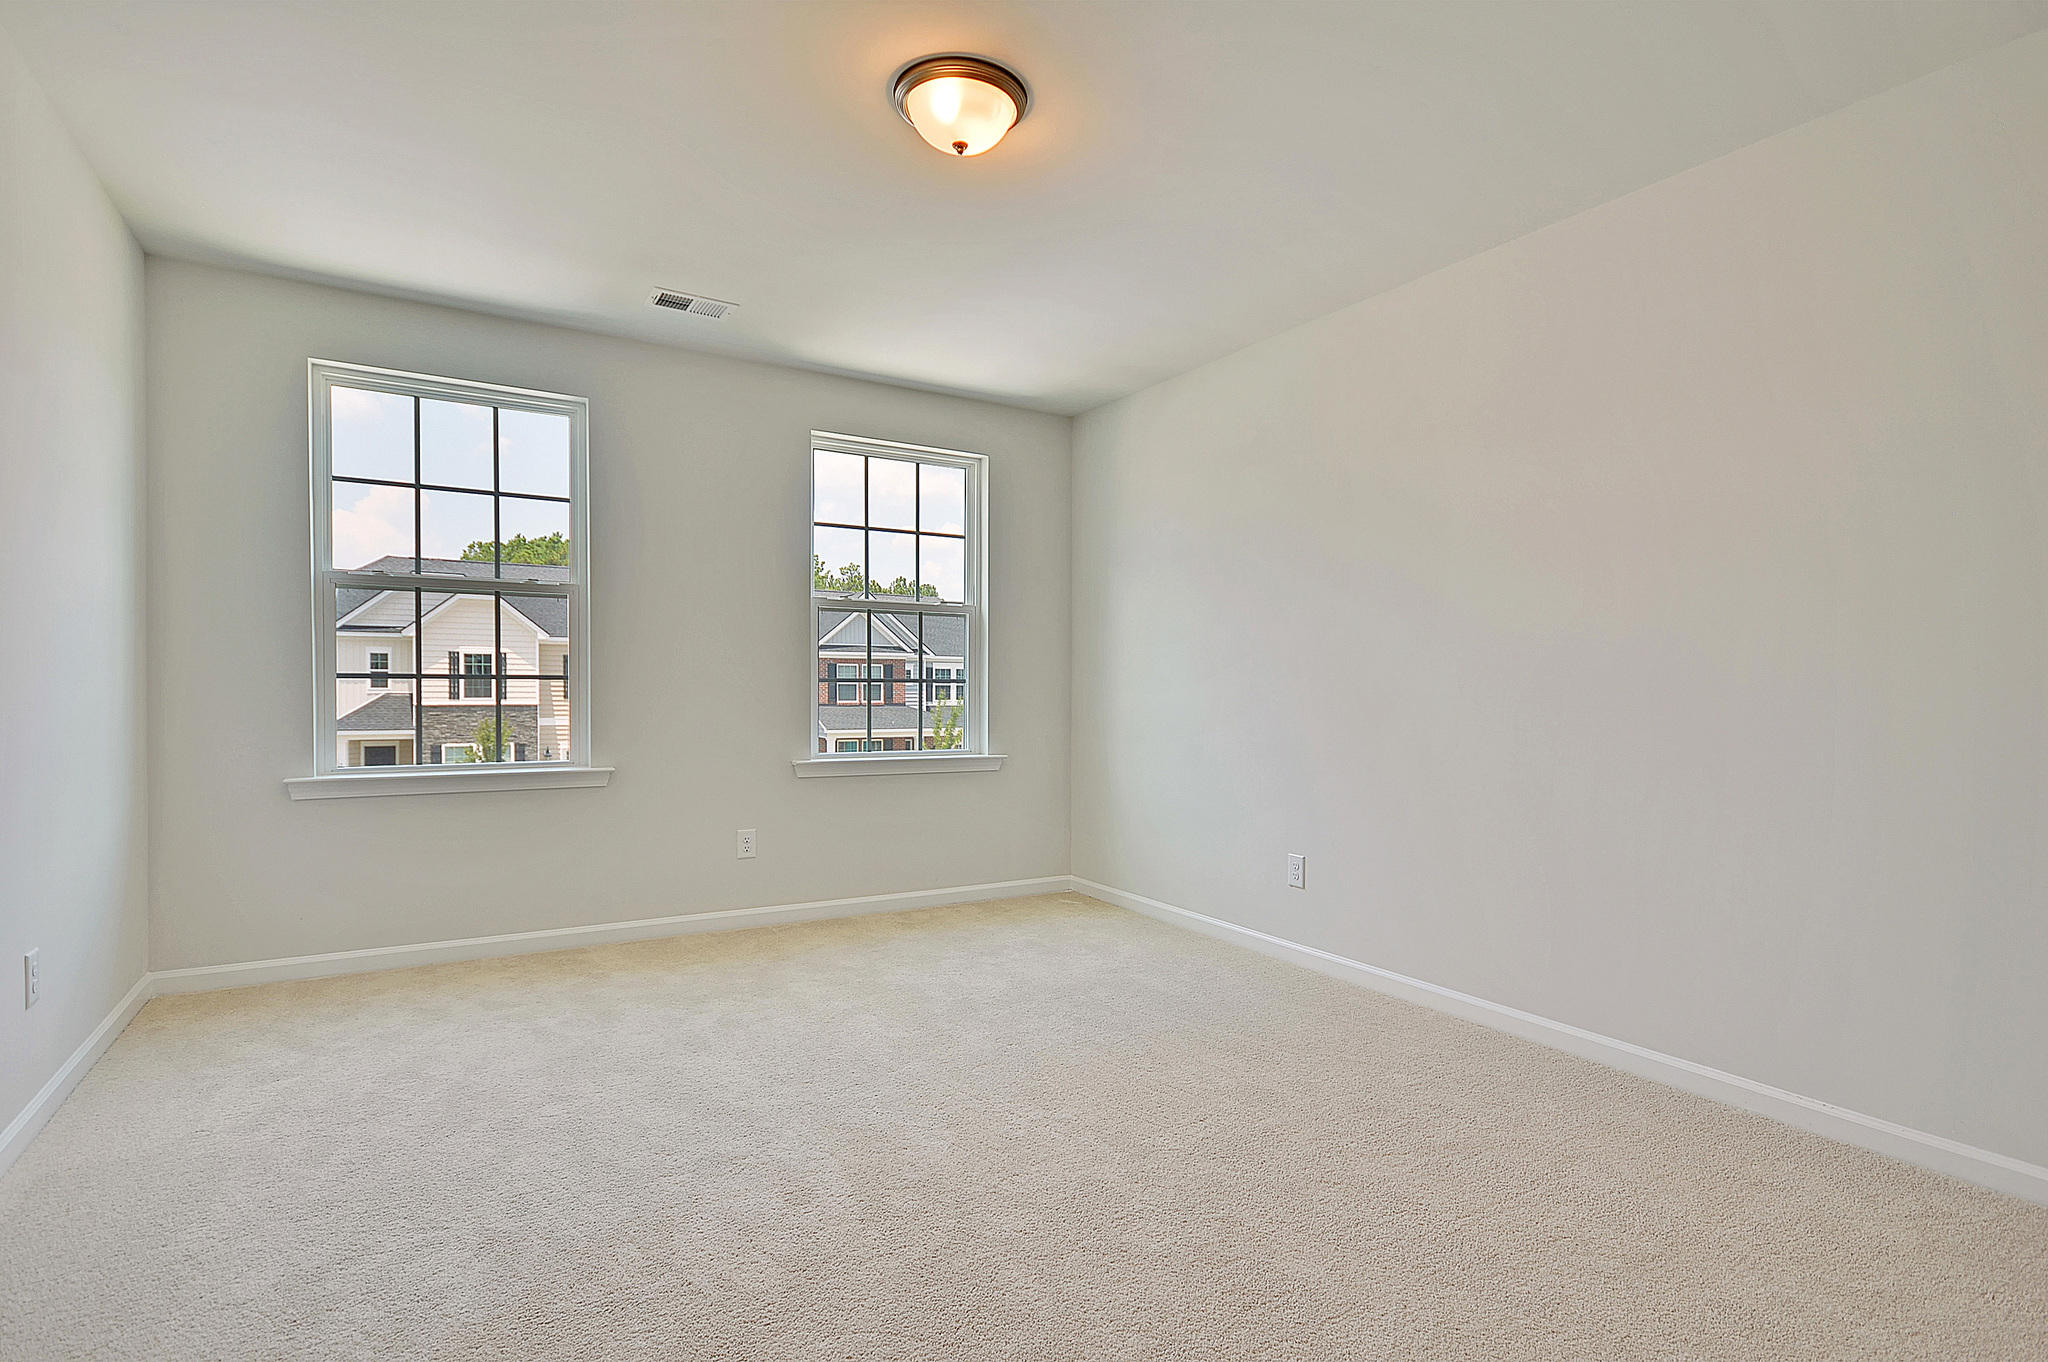 Park West Homes For Sale - 3049 Caspian, Mount Pleasant, SC - 17